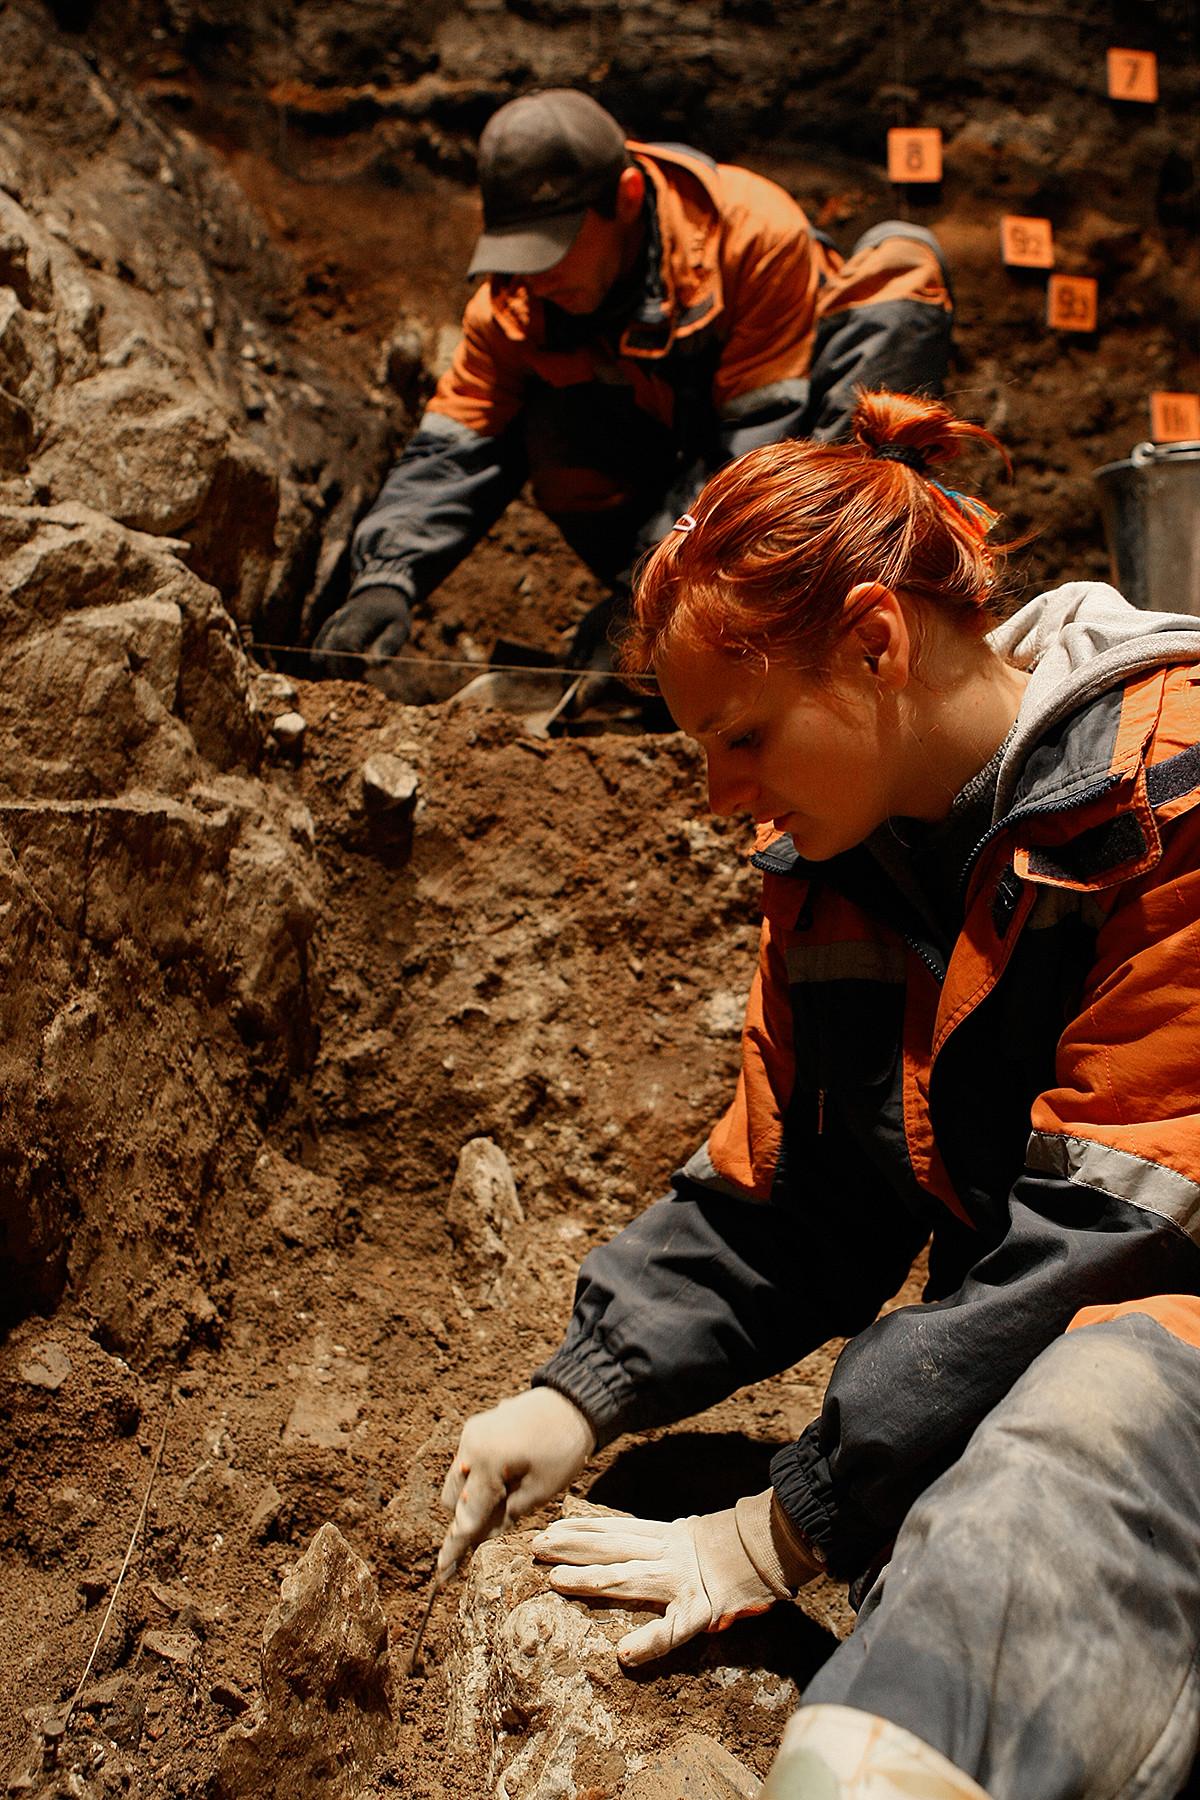 ロシア科学アカデミーのシベリア局の考古学者がデニソワ洞窟にて